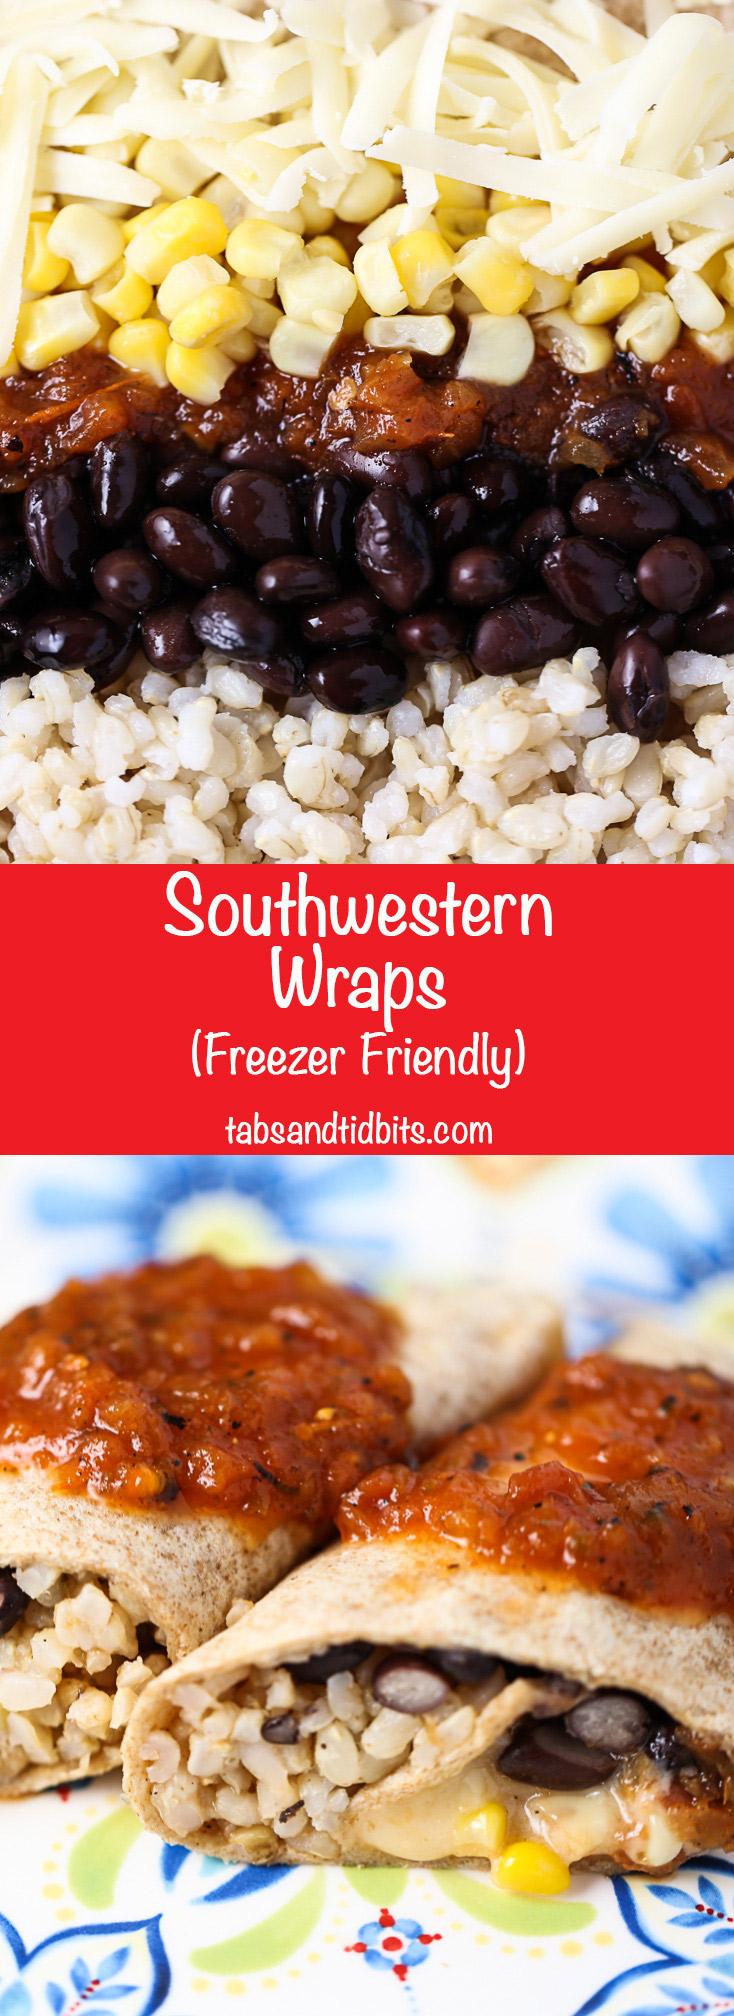 Southwestern Wraps